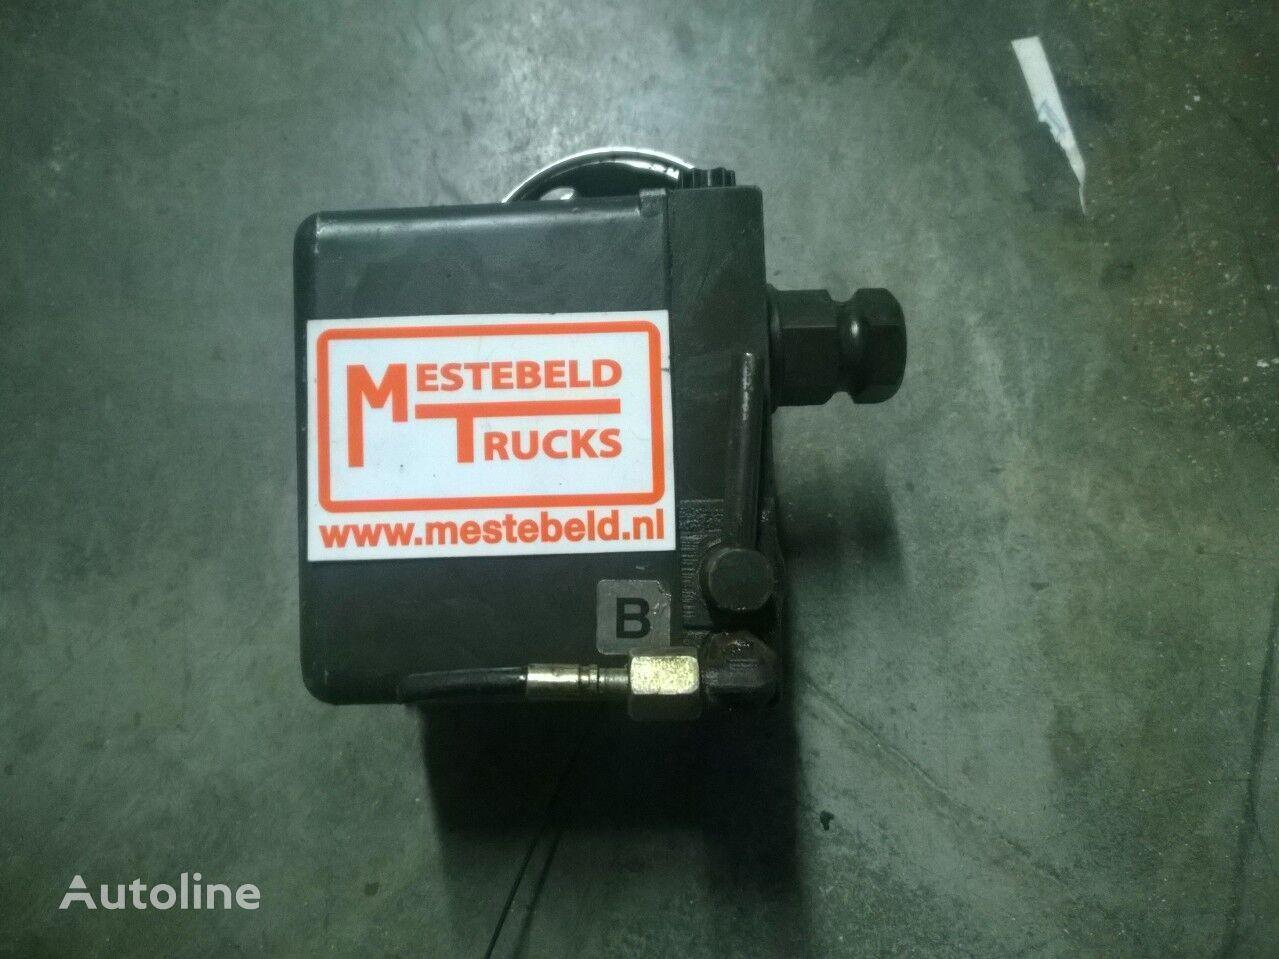 MERCEDES-BENZ bomba de elevación de la cabina para MERCEDES-BENZ Cabinekantelpomp Actros tractora